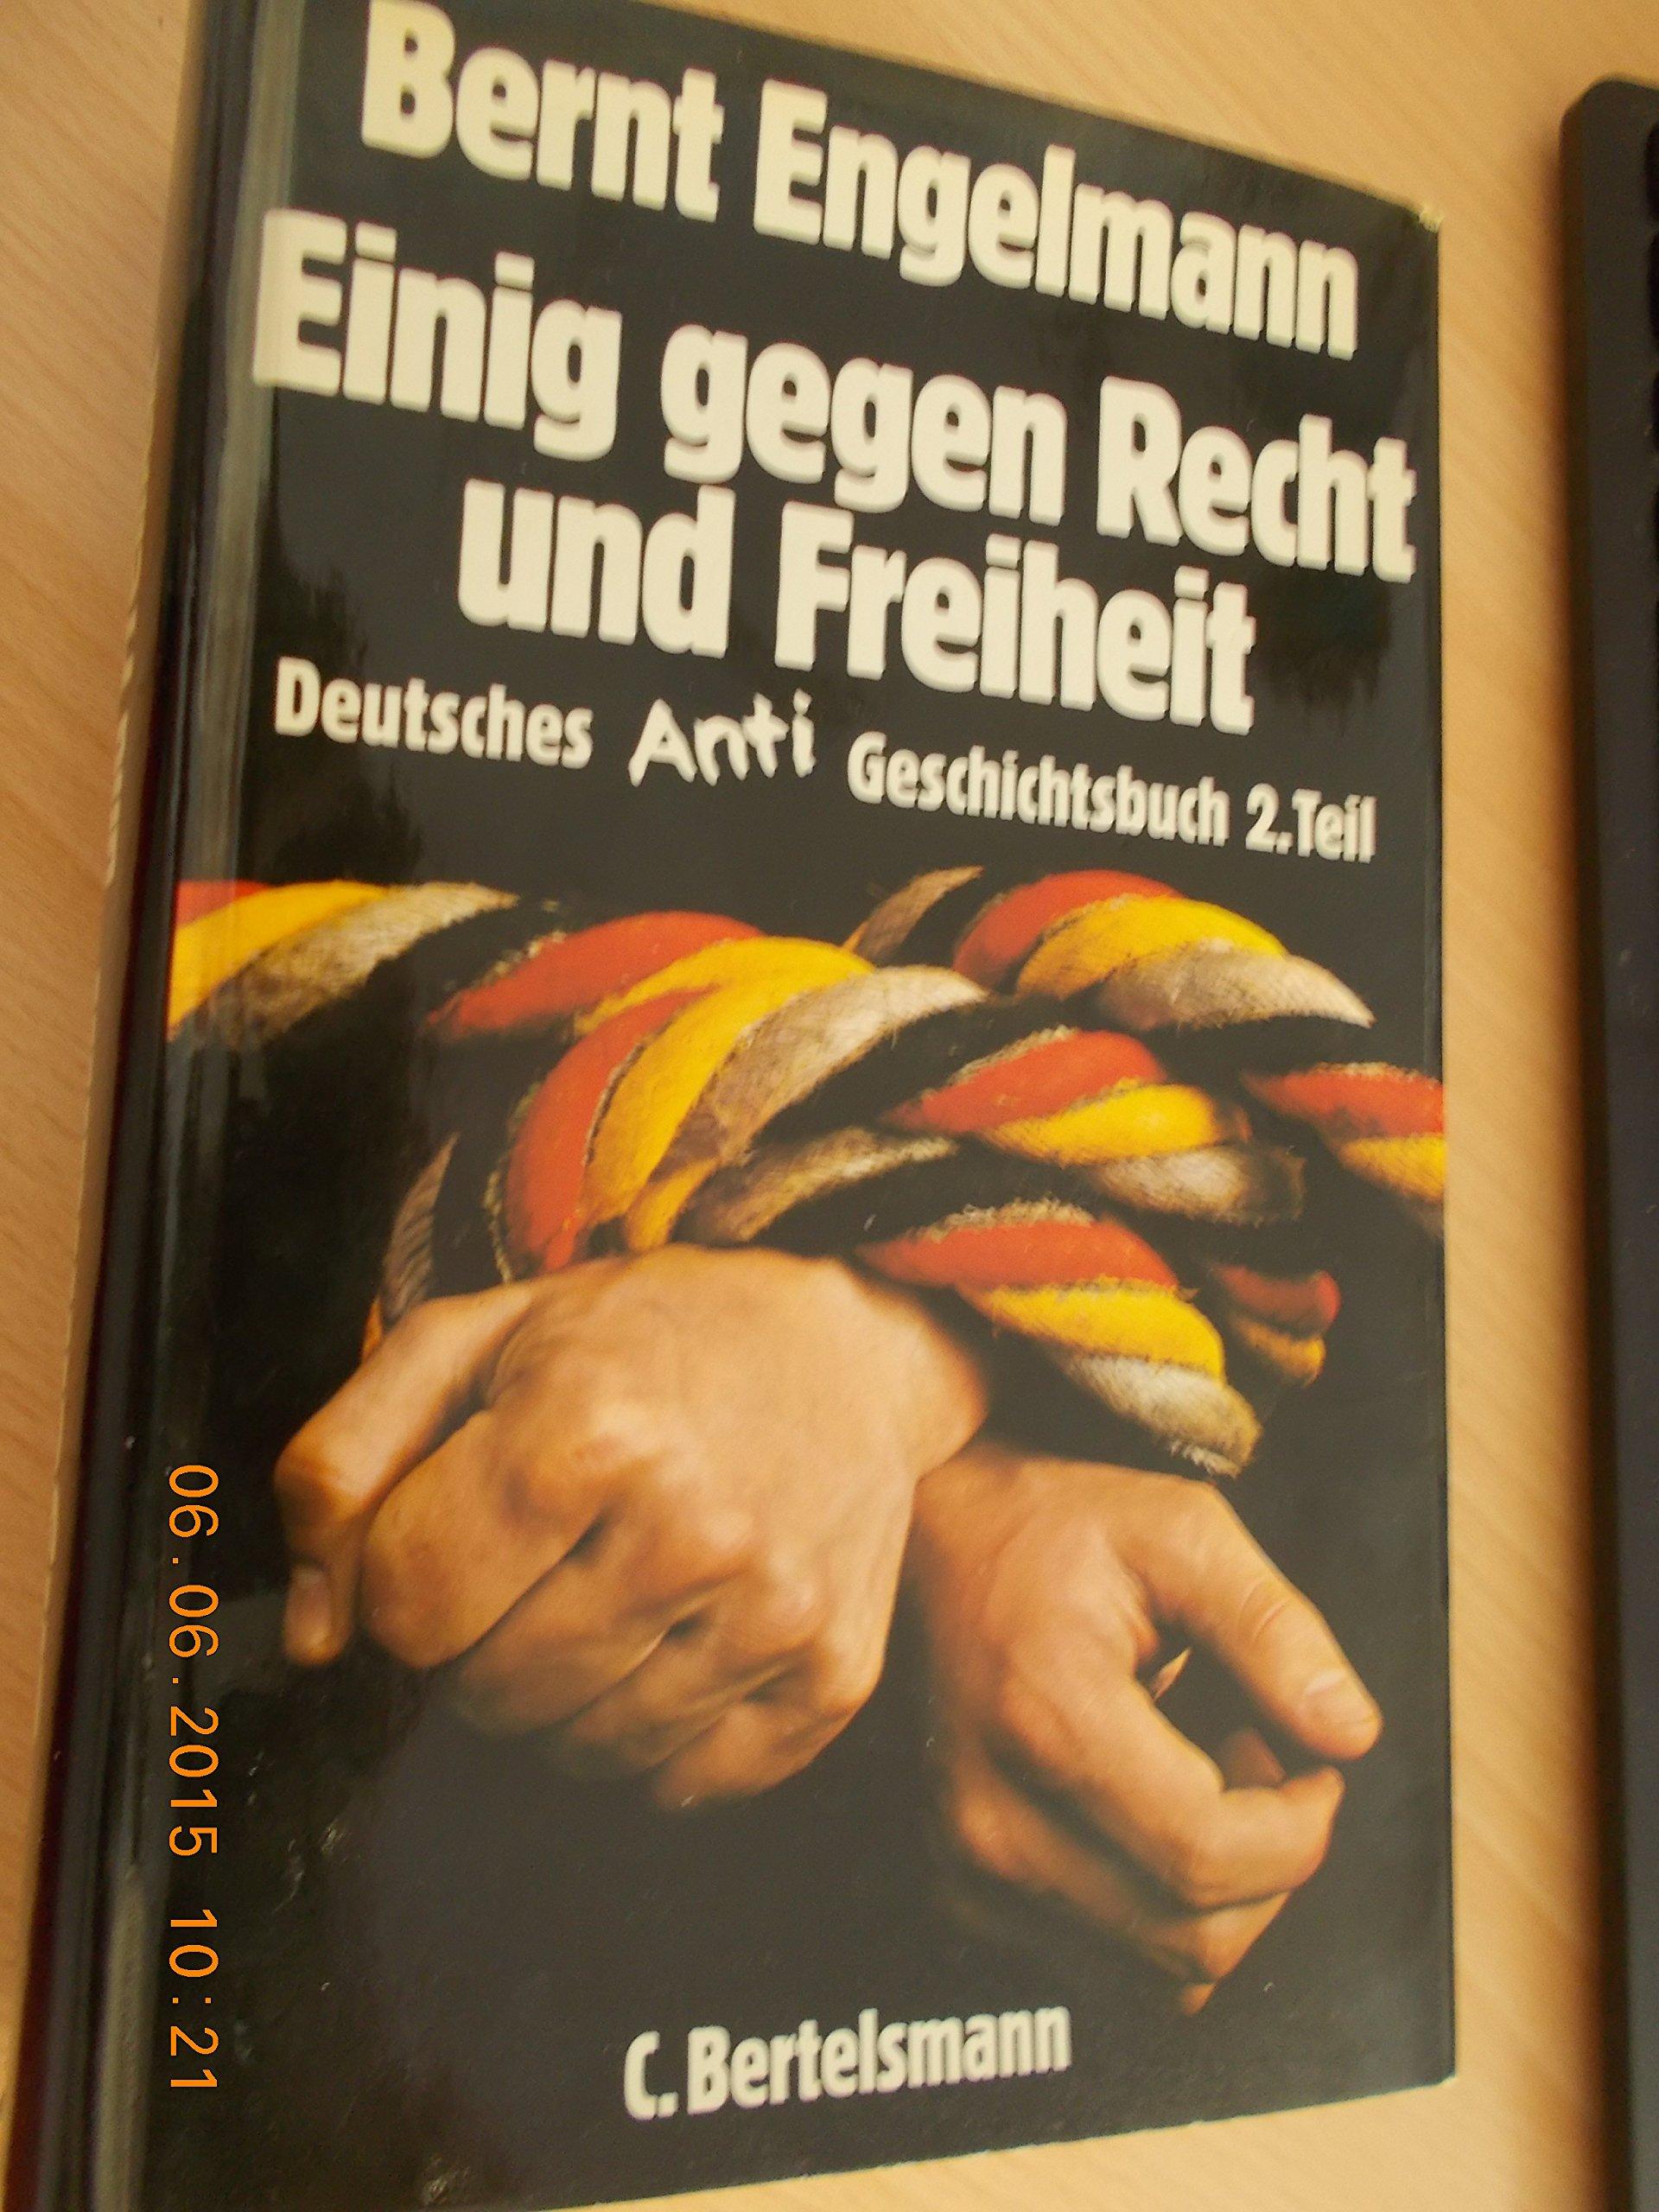 einig-gegen-recht-und-freiheit-deutsches-anti-geschichtsbuch-zweiter-teil